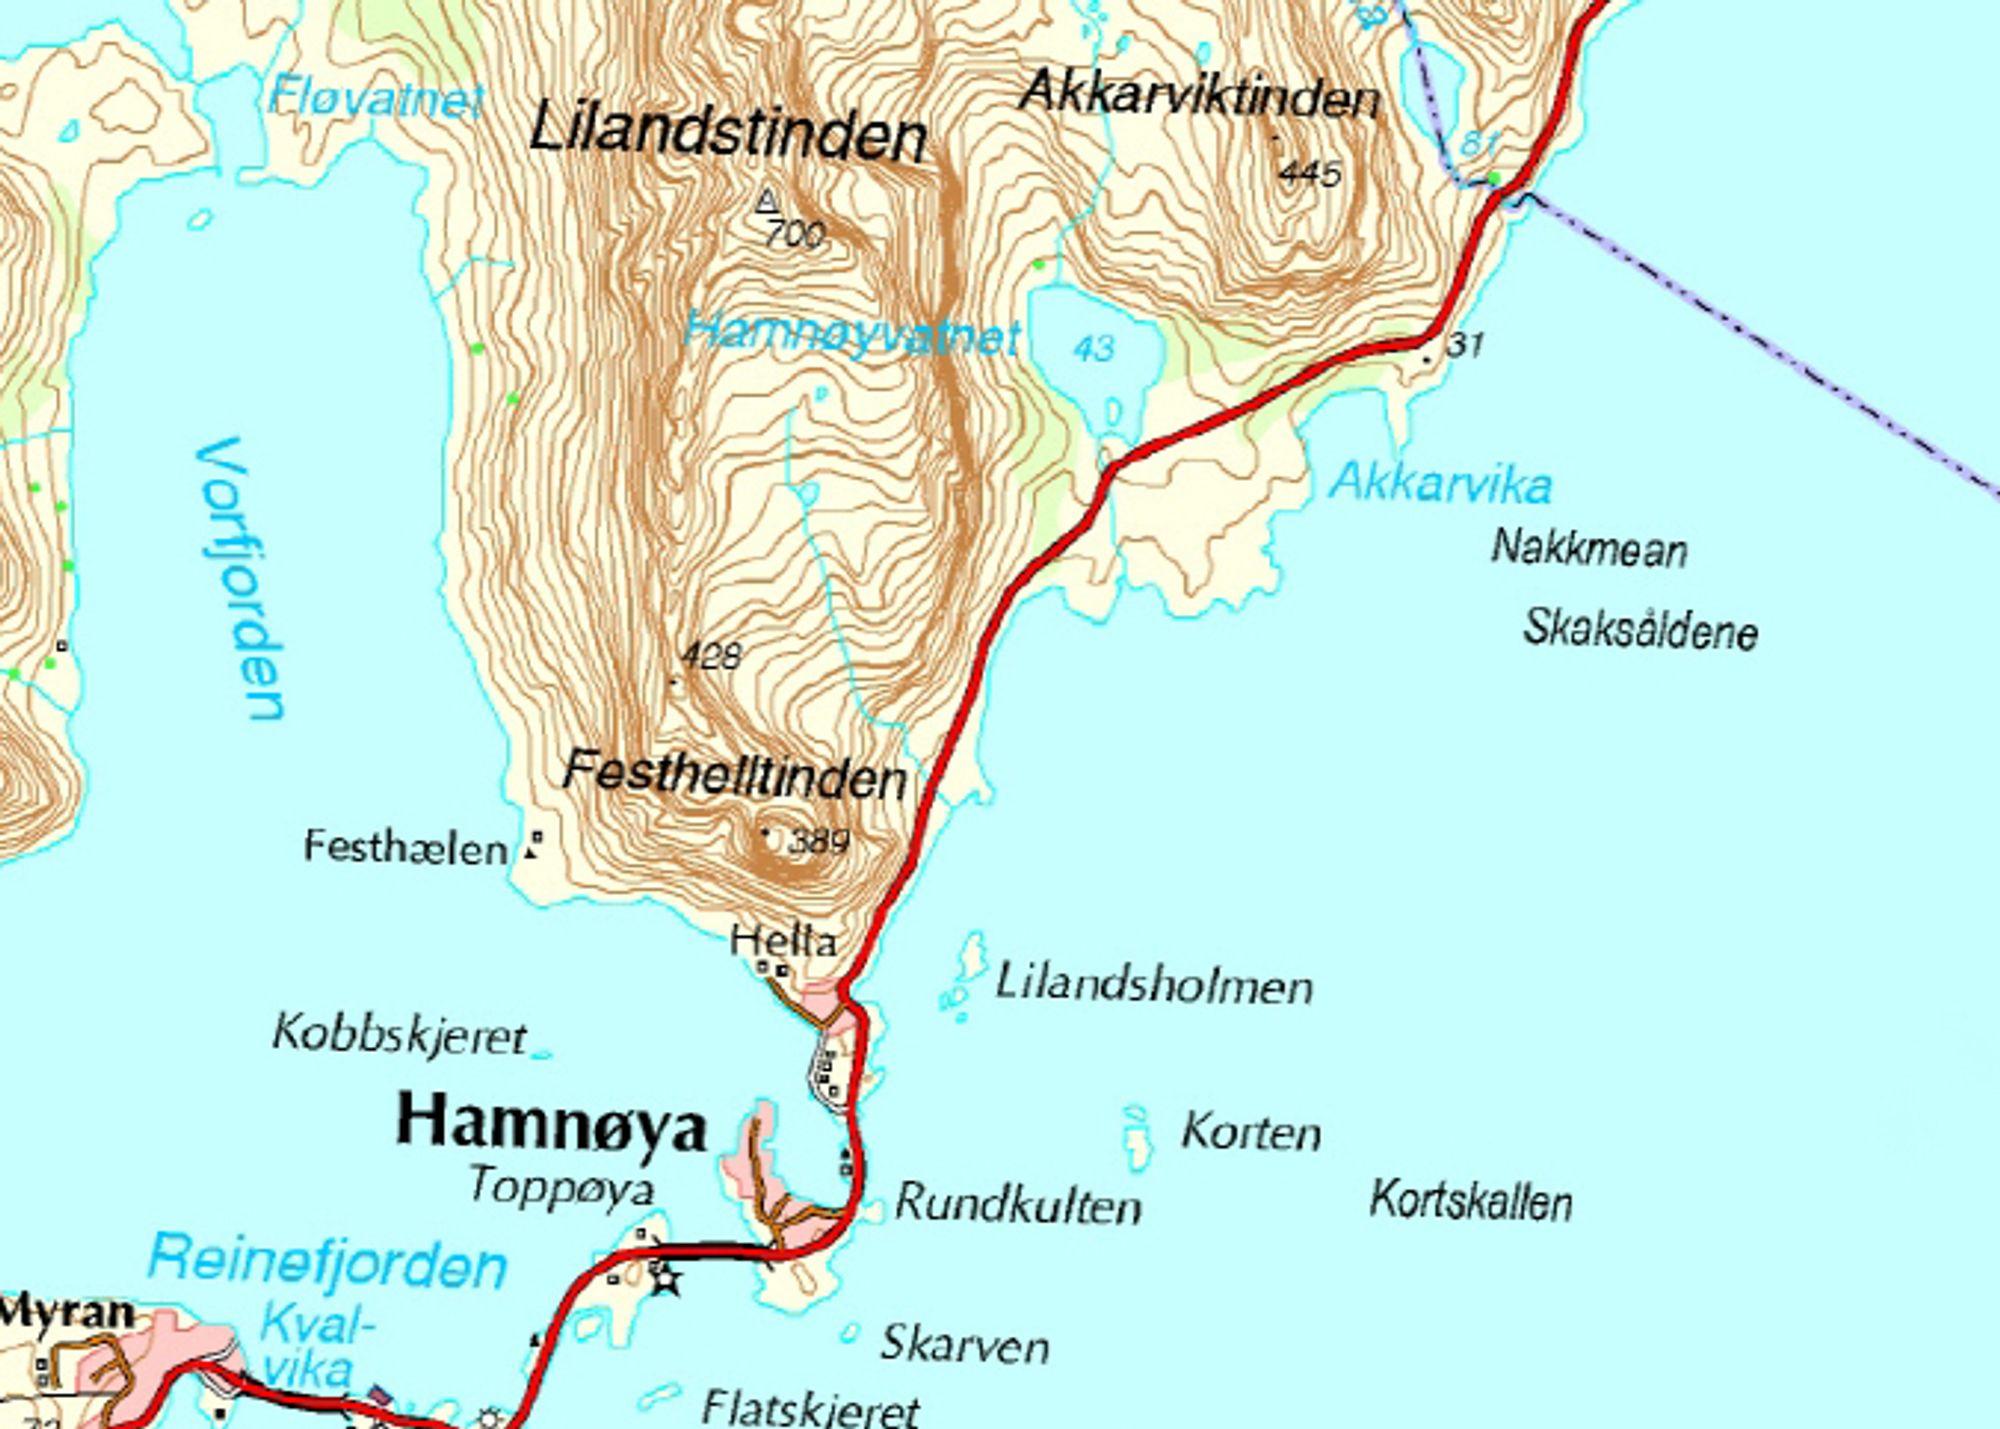 Hamnøytunnelen skal gå mellom Hamnøya nederst på kartet og Akkarvika. Ill.: Statens vegvesen